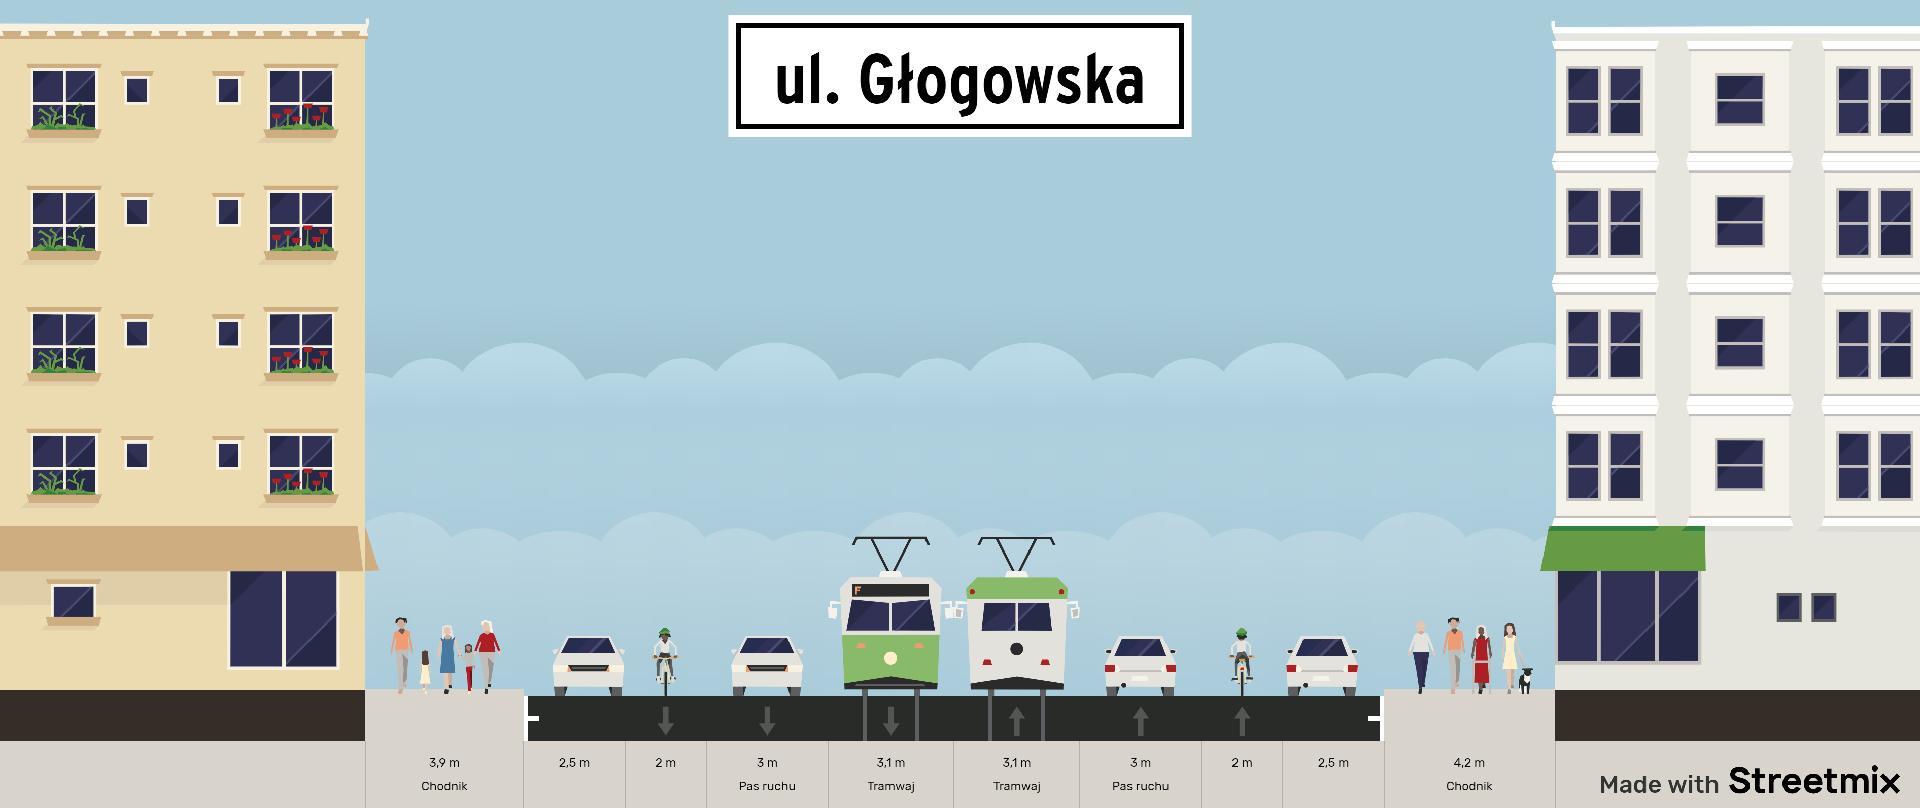 Poglądowy schemat zmian jakie zajdą na ul. Głogowskiej. Fot. Urząd Miasta Poznania